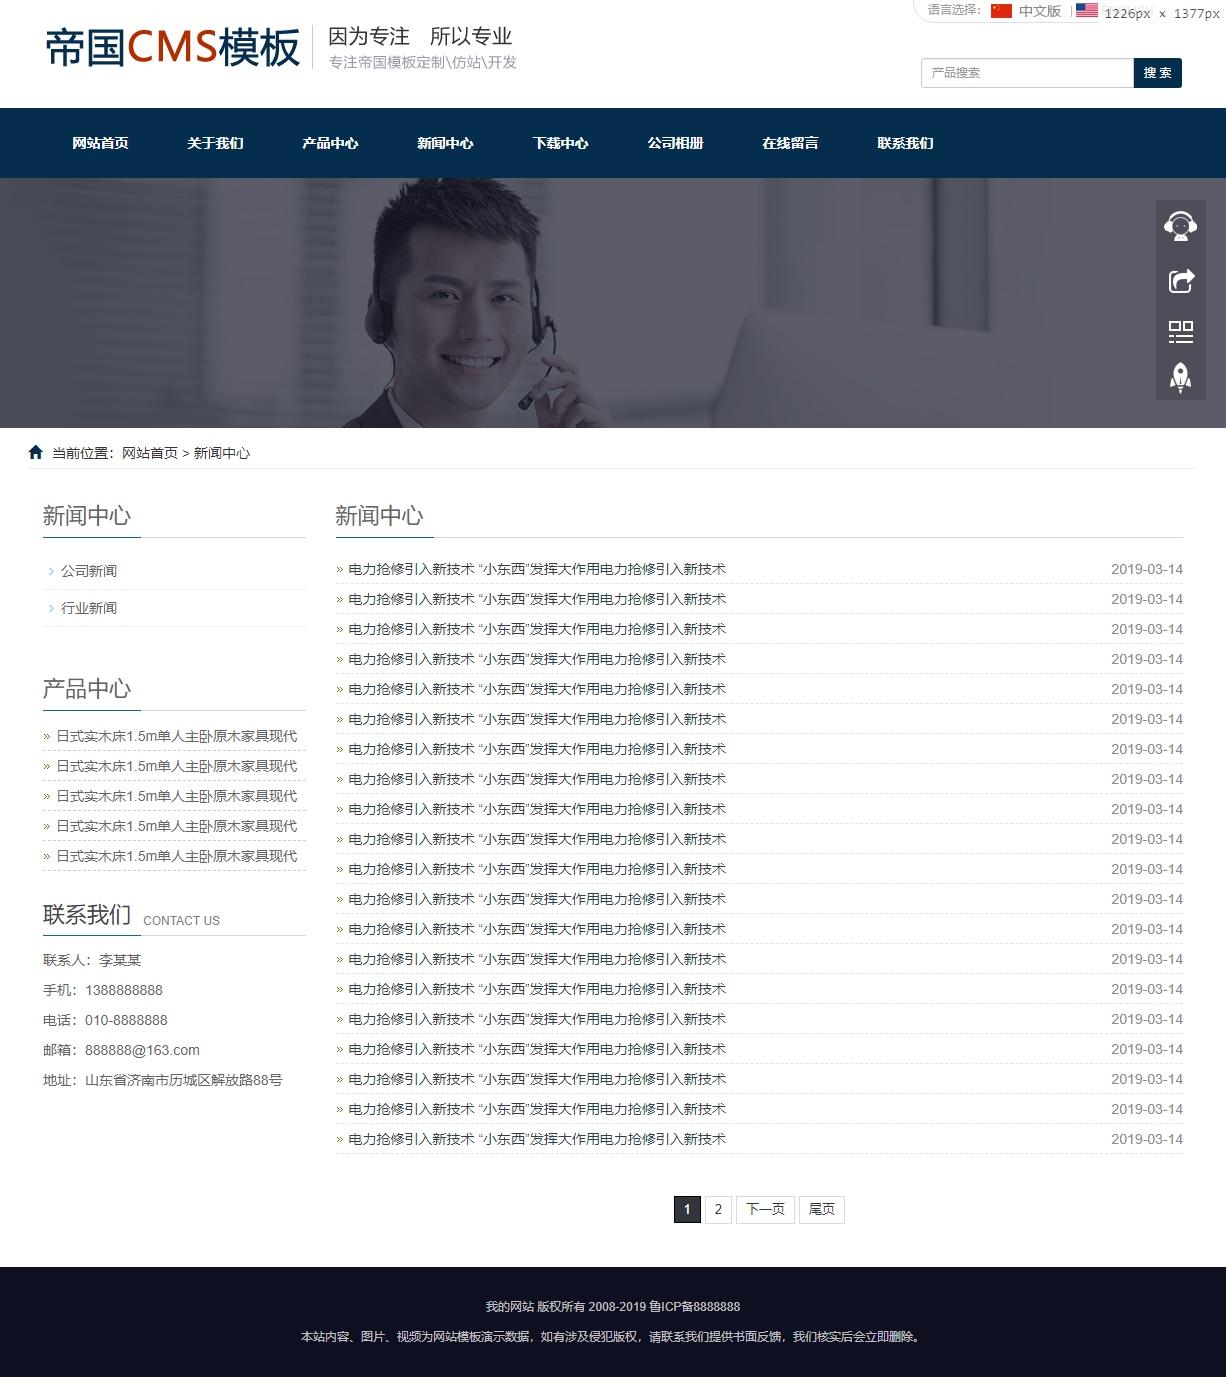 响应式自适应手机帝国cms中英文外贸企业网站模板_新闻列表页